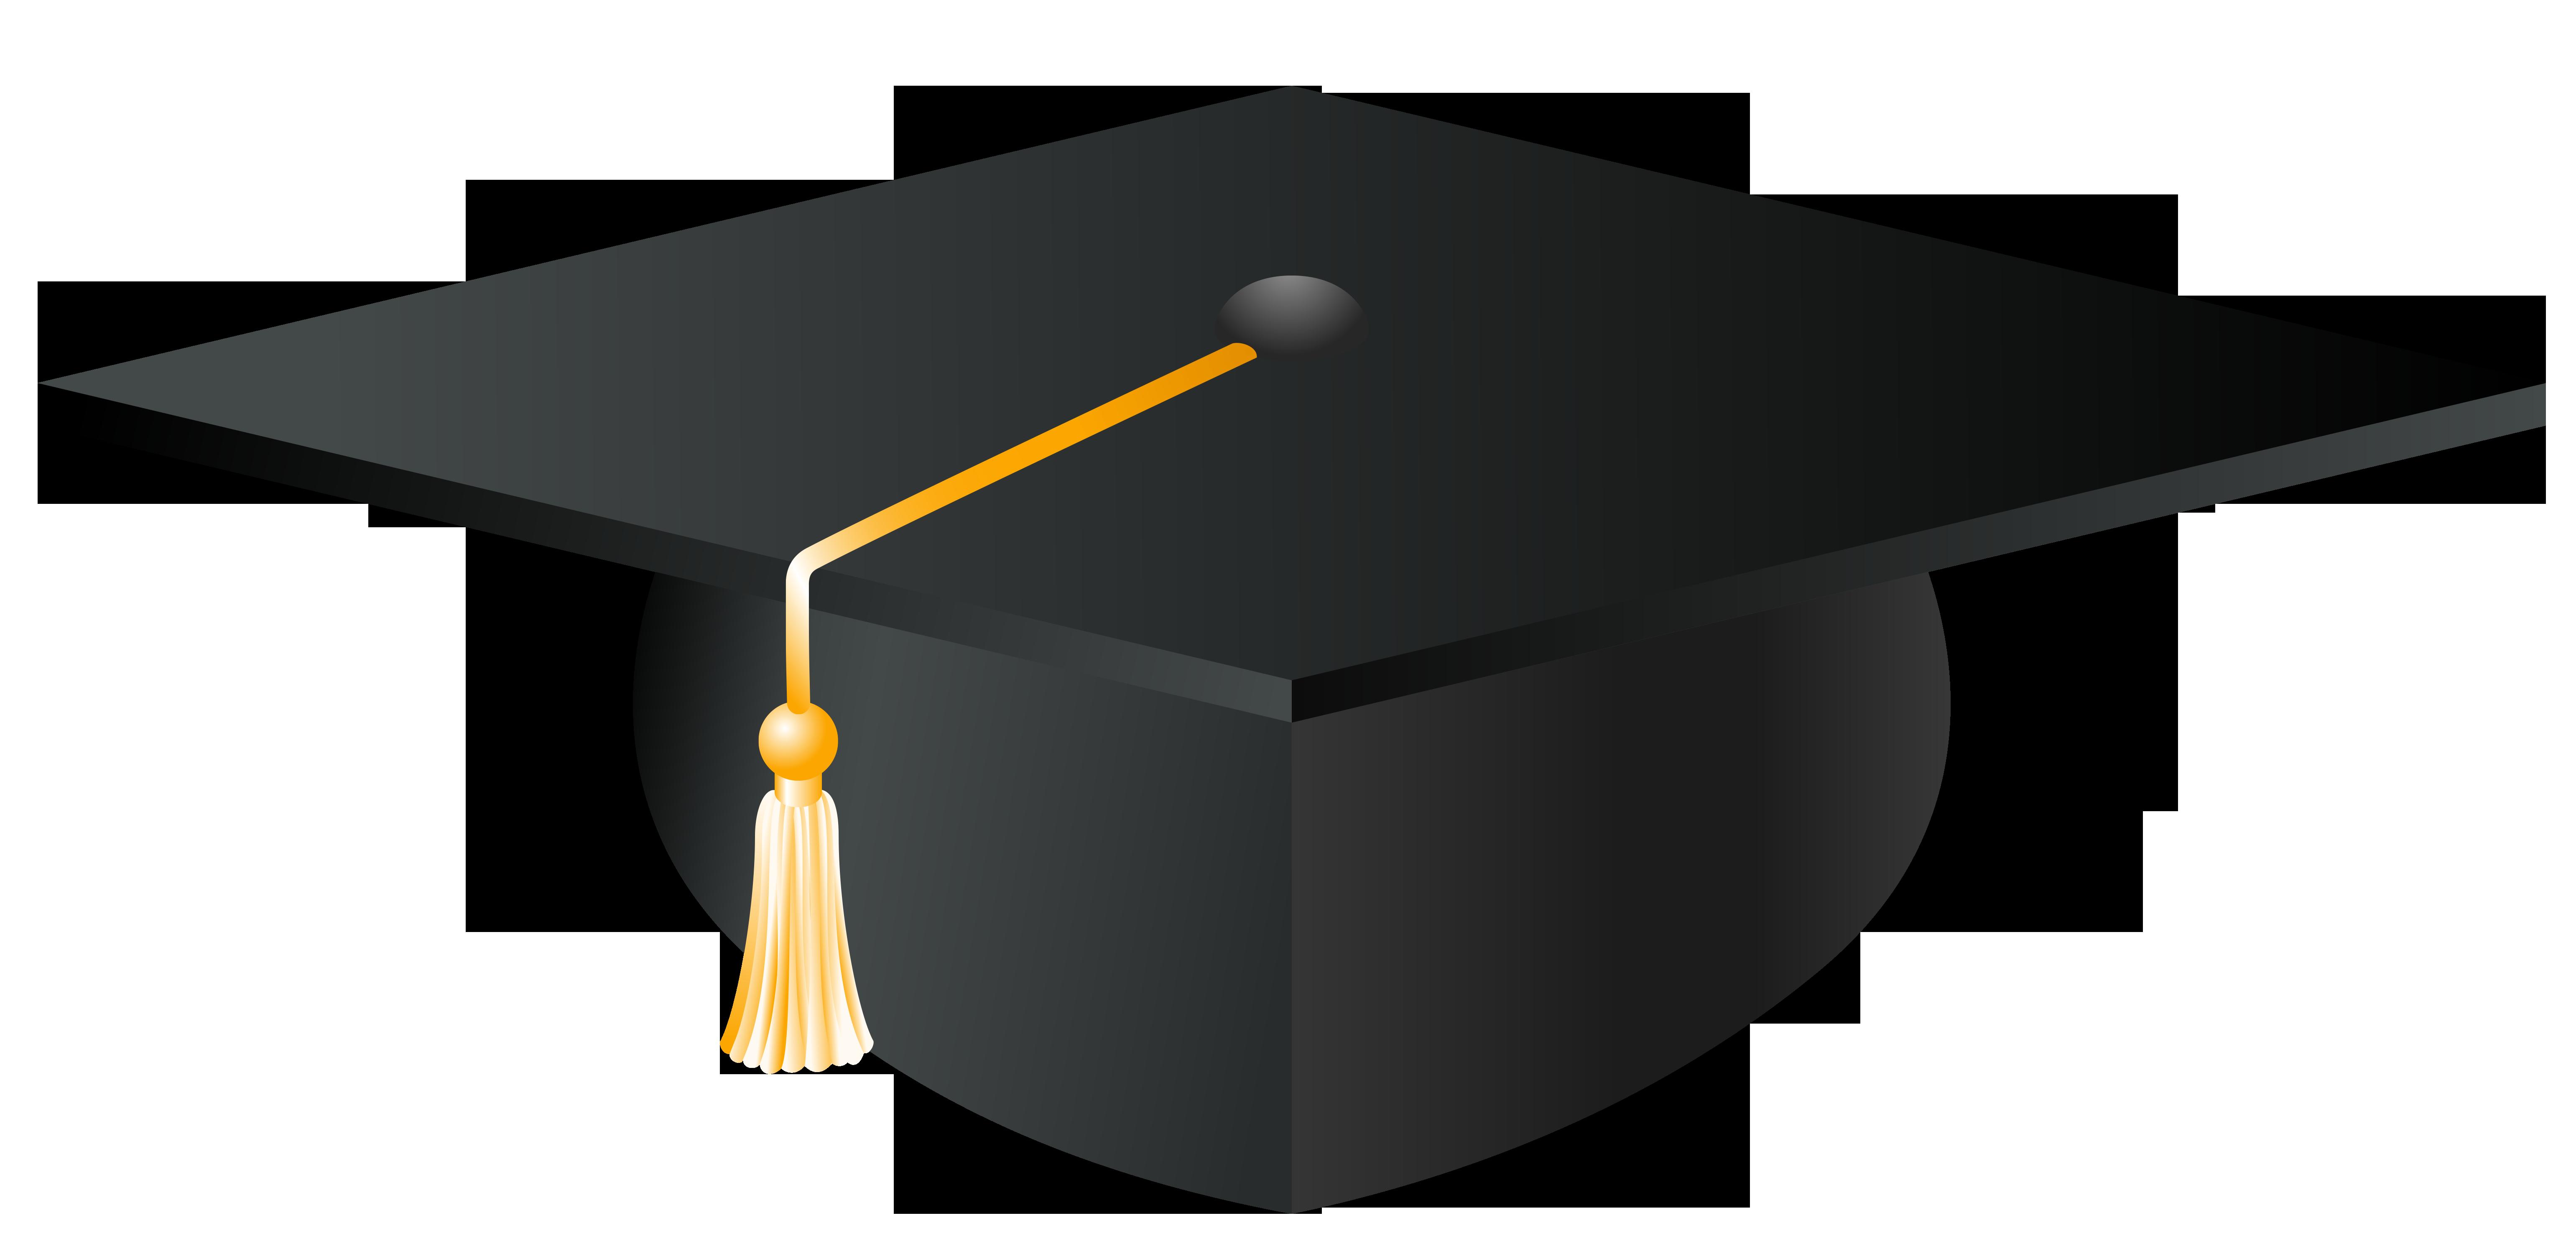 6162x3011 Pics Photos Pictures Graduation Cap Clip Art